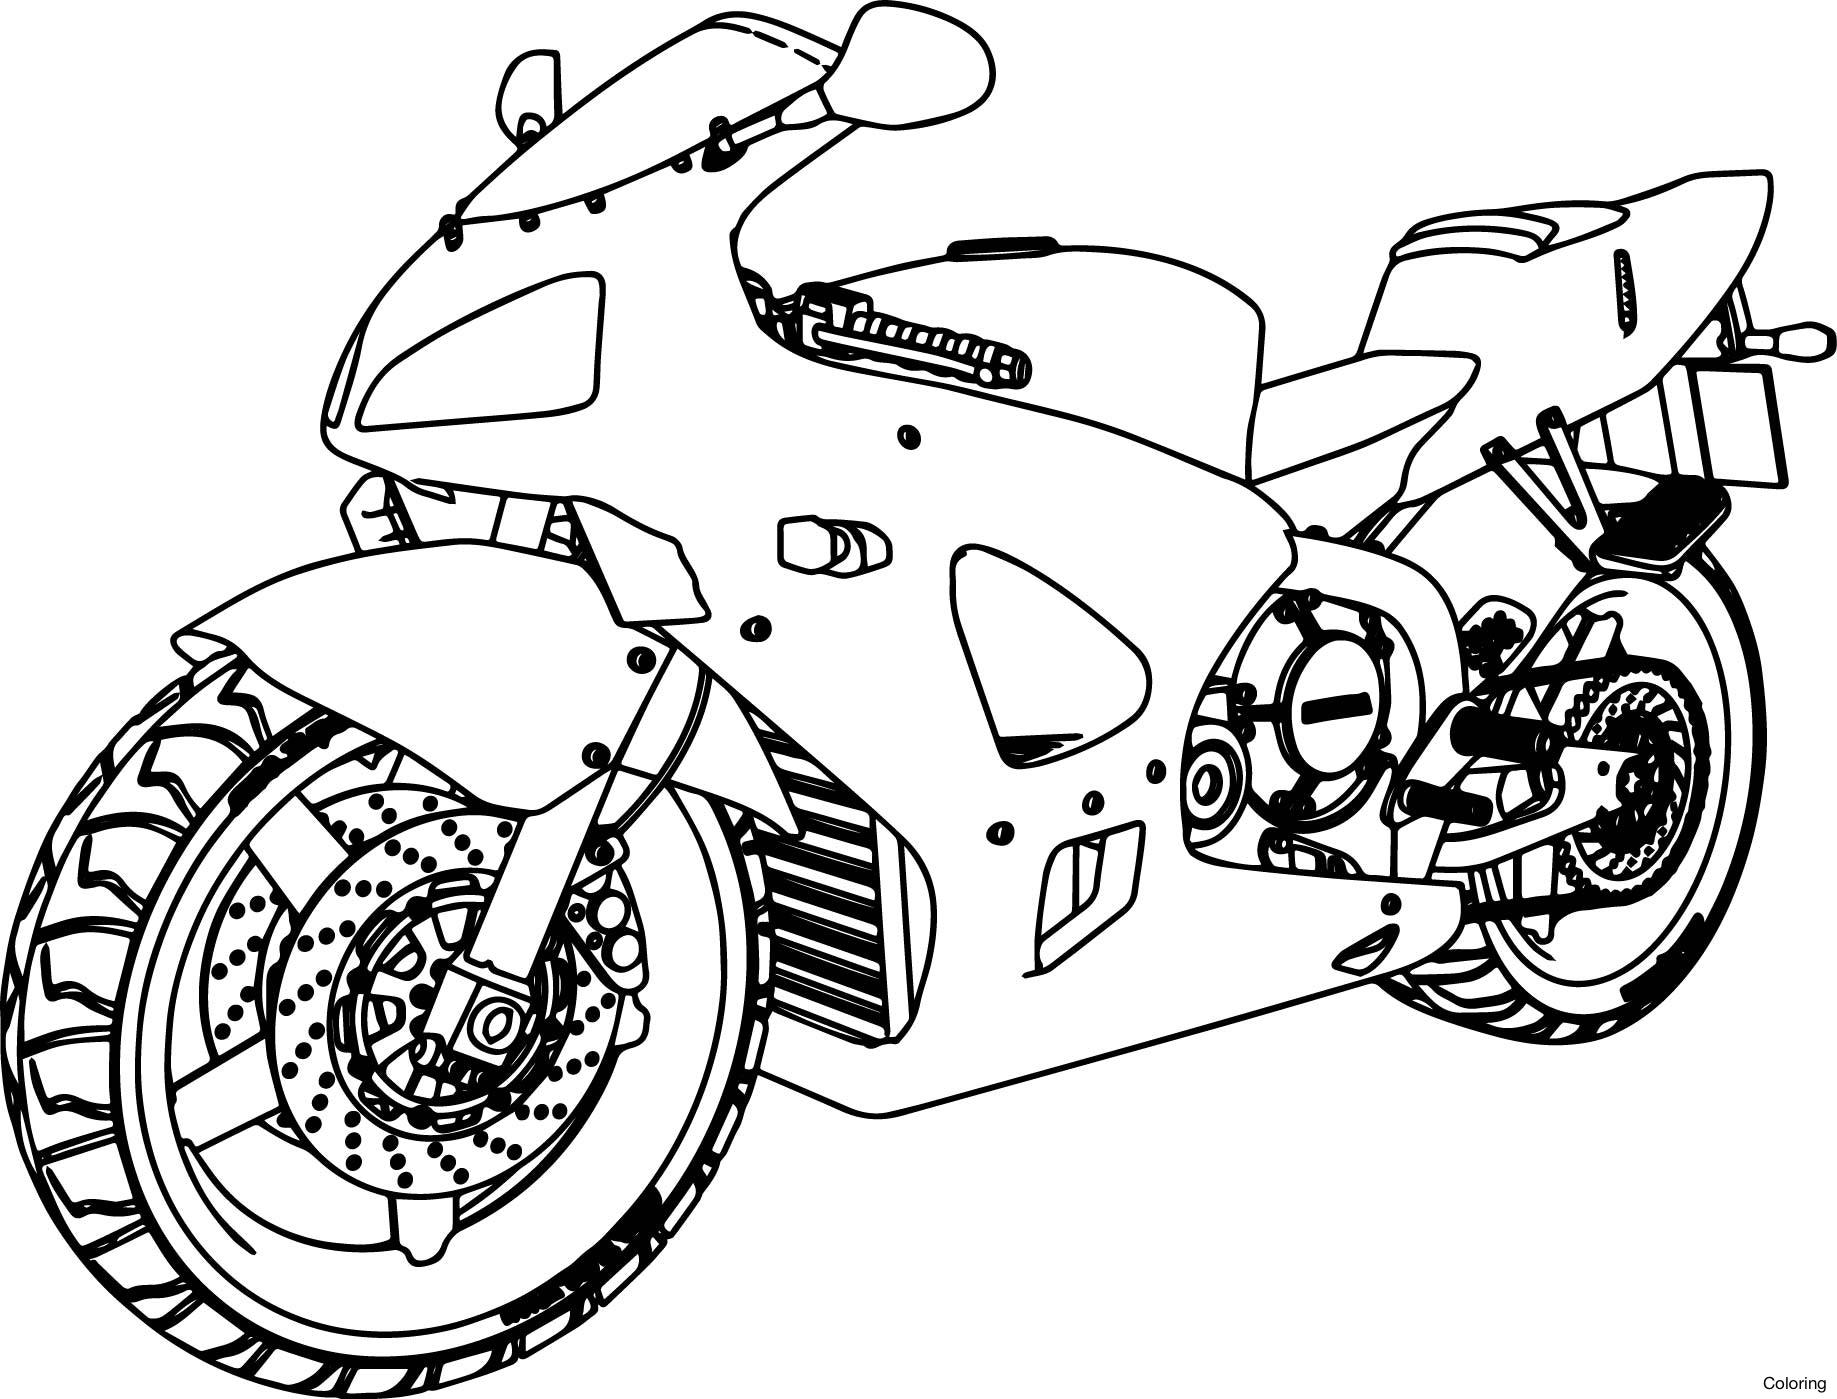 Honda Motorcycle Drawing at GetDrawings